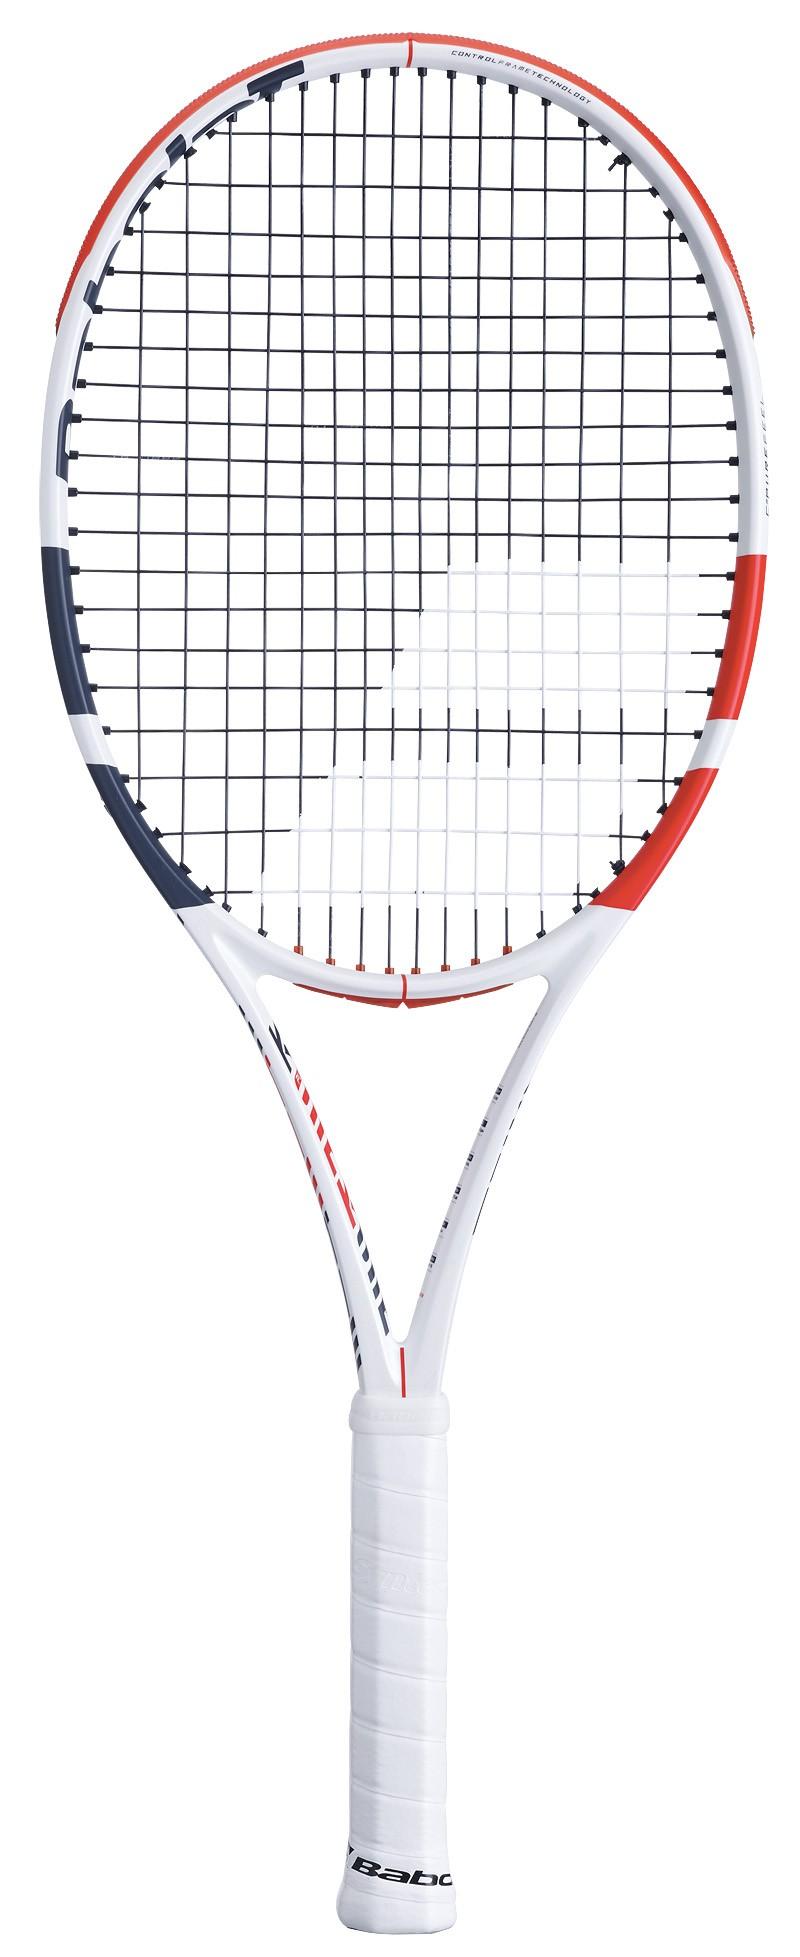 Rakieta tenisowa Babolat Pure Strike 100 3.gen